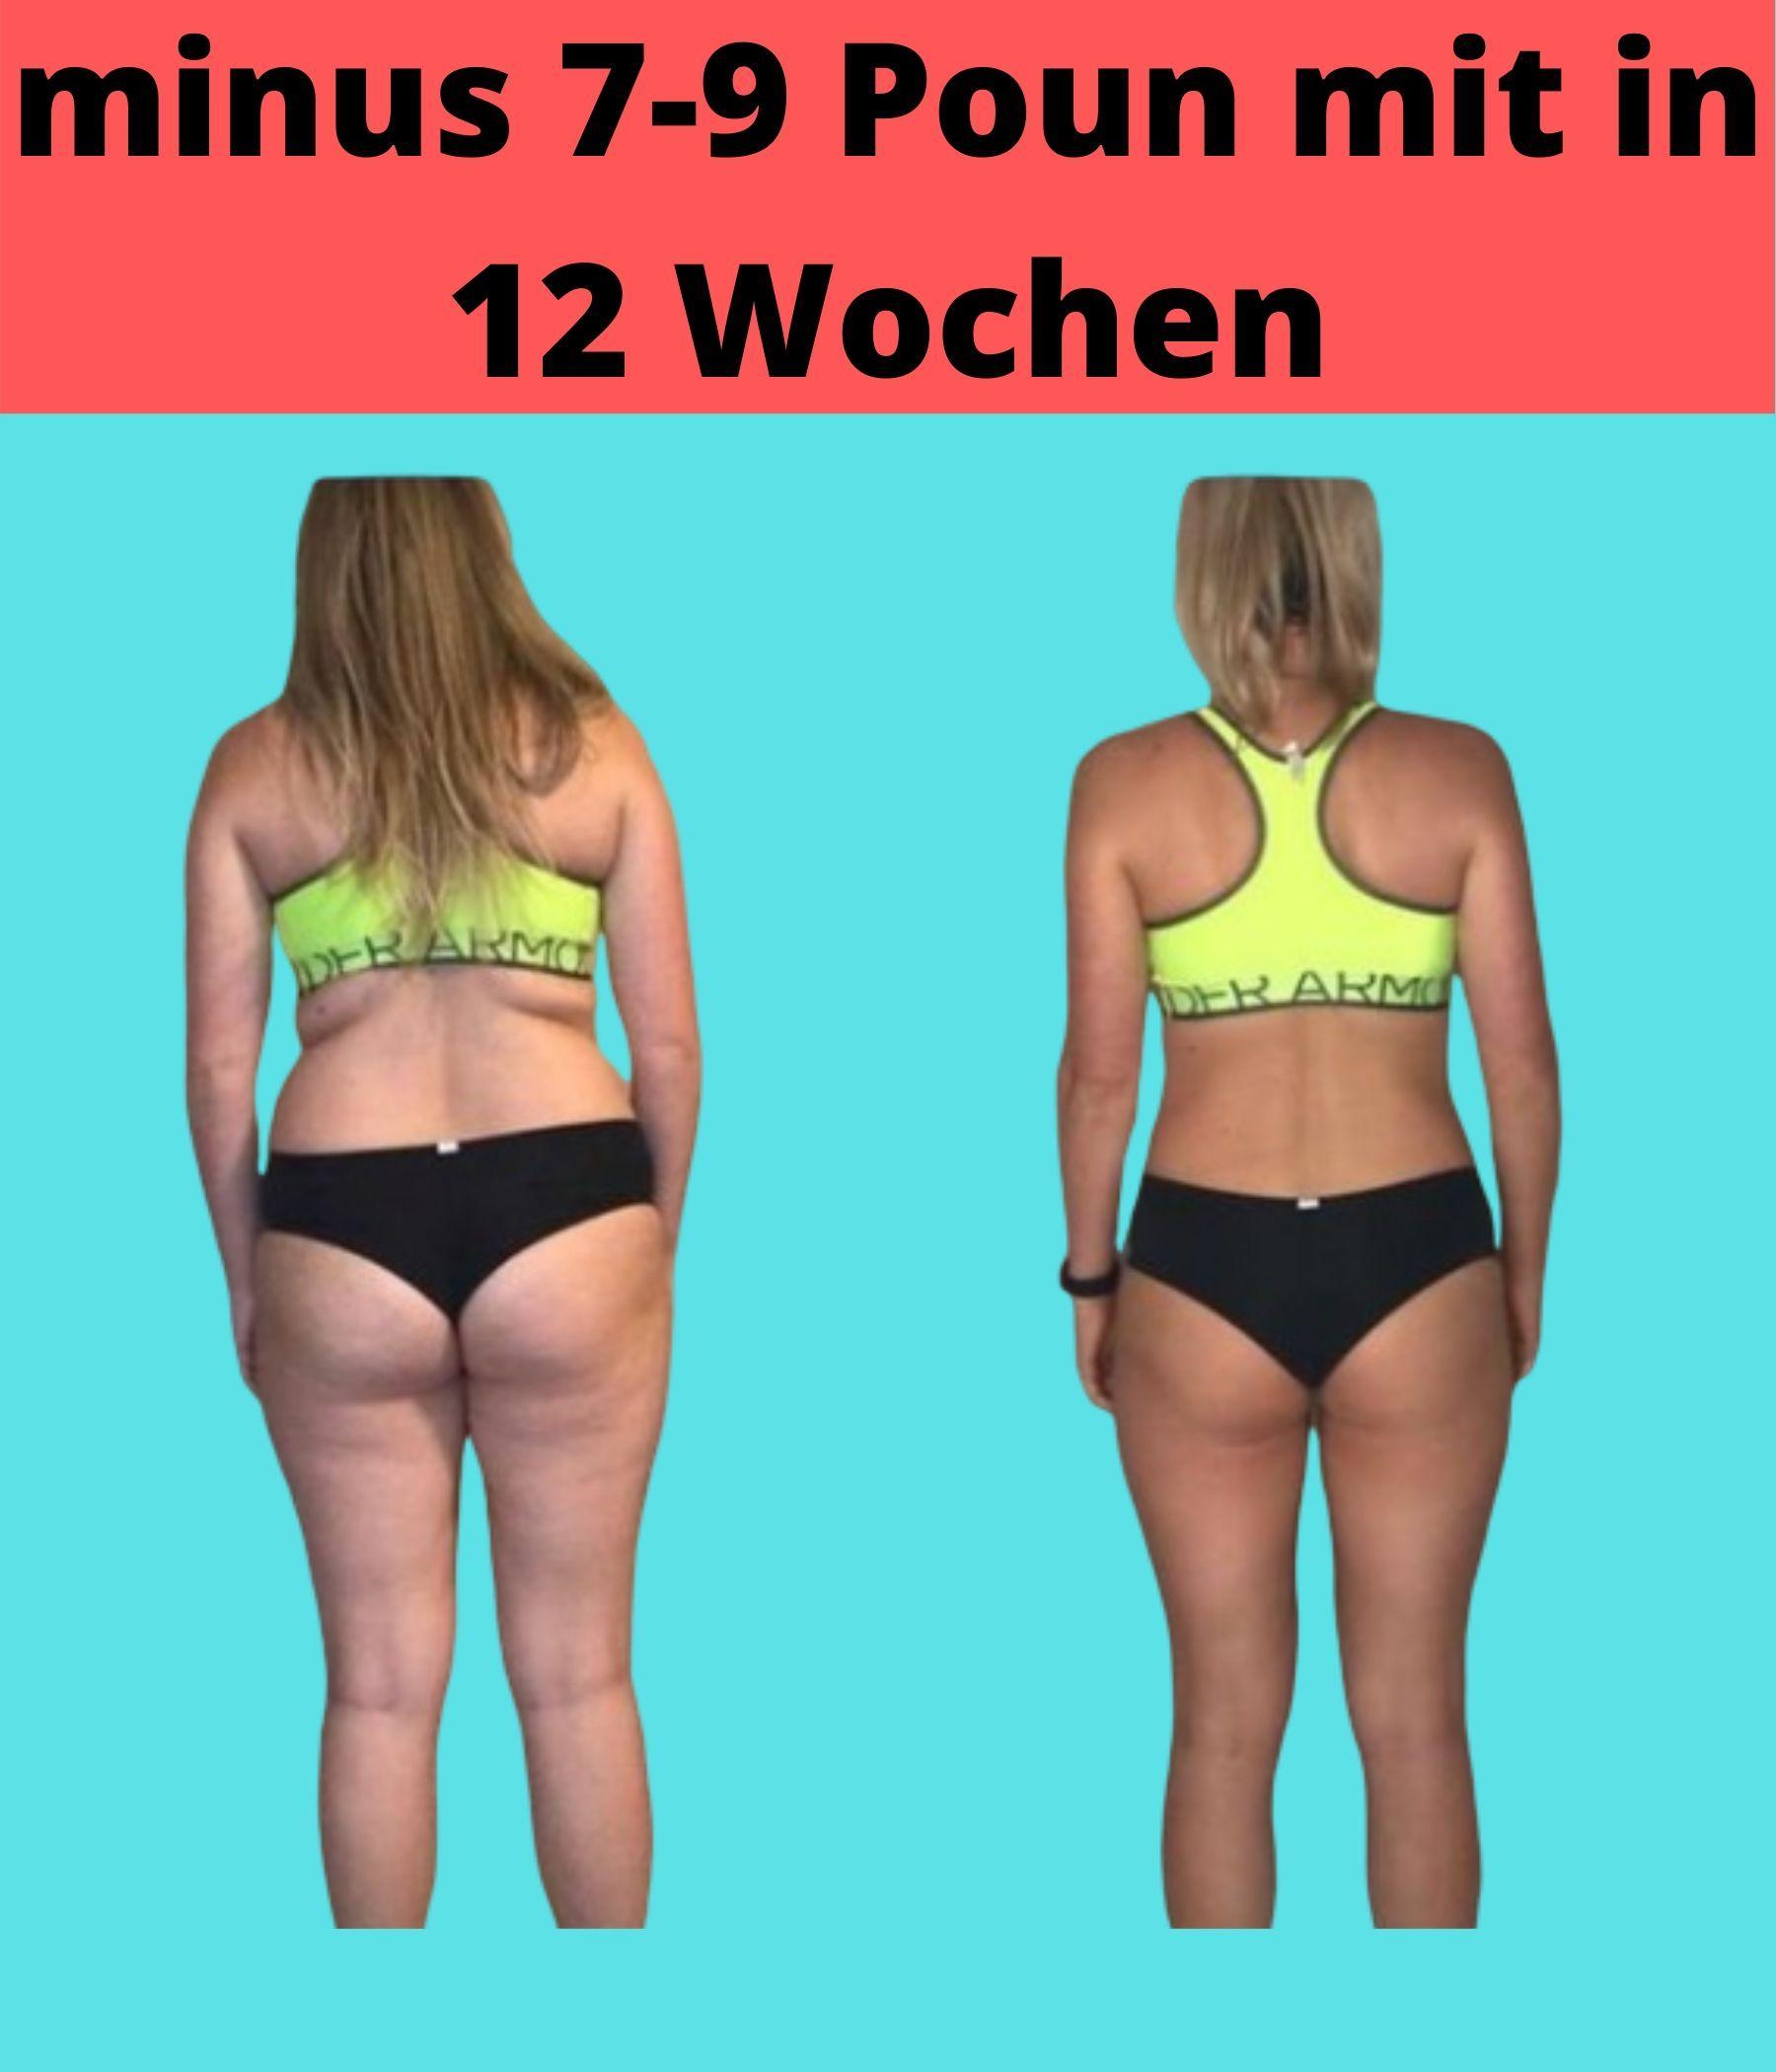 Die beste Medizin, um Gewicht zu verlieren